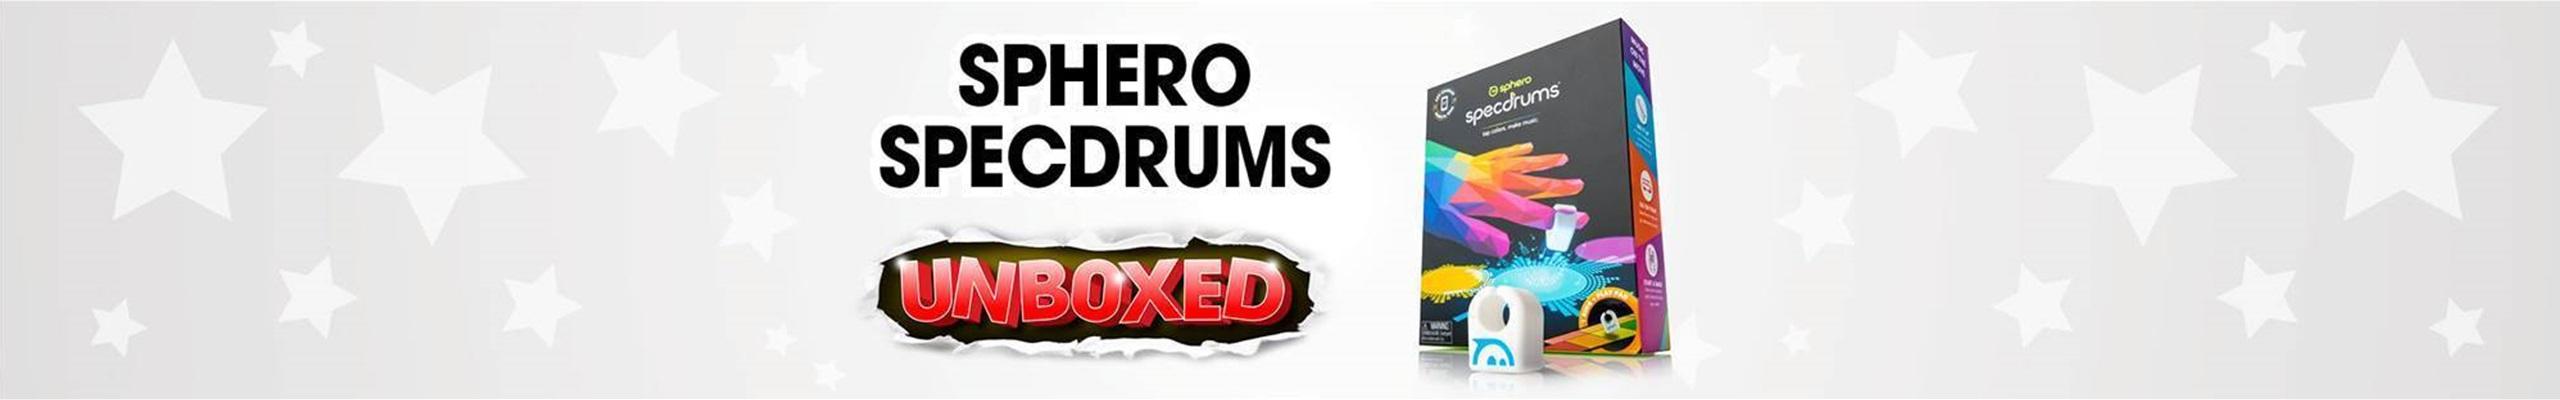 Sphero Specdrums Unboxing